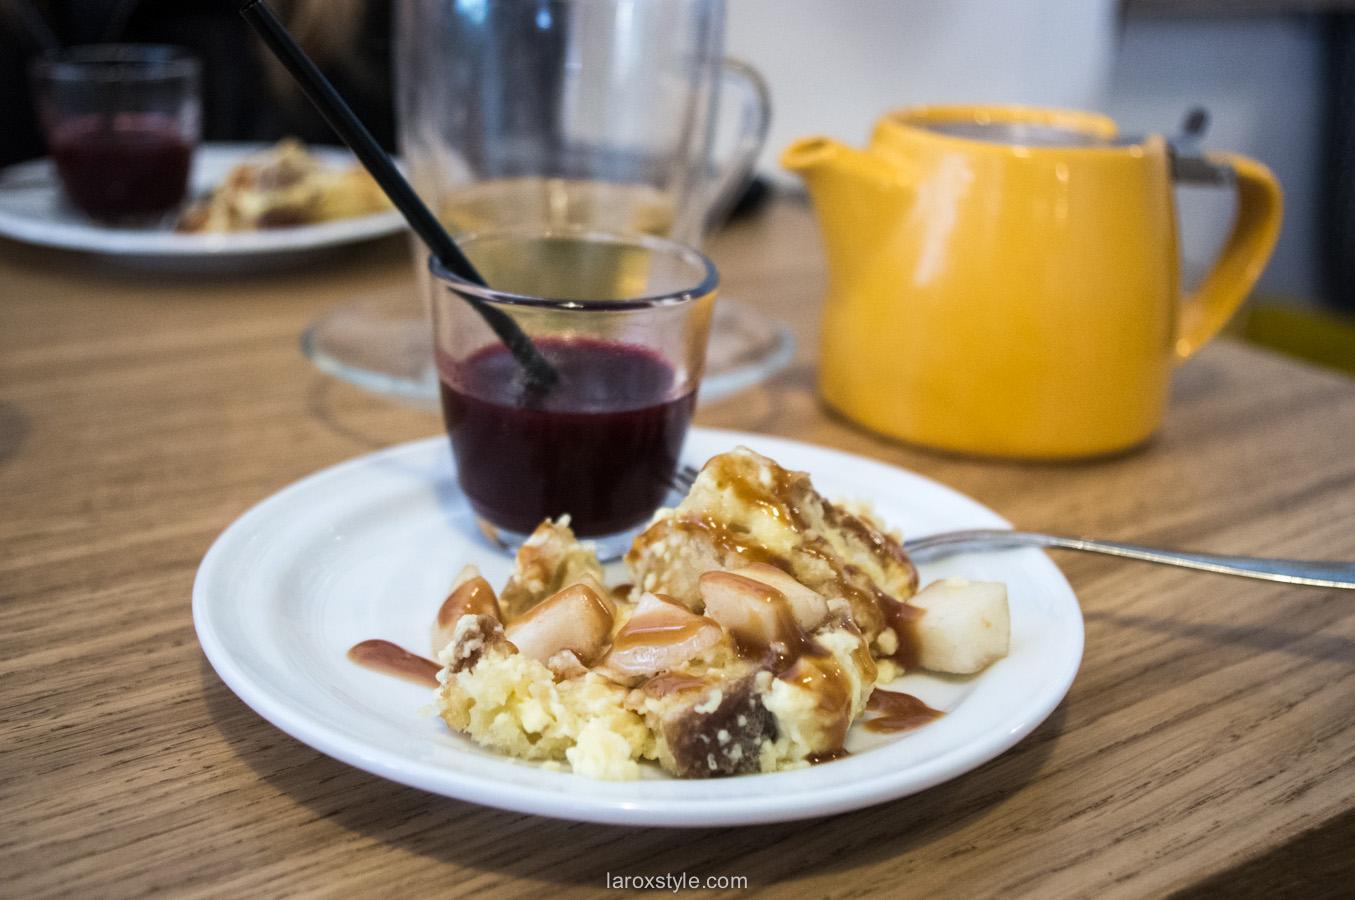 myart - cafe lyon - brunch a lyon - laroxstyle blog lifestyle -3